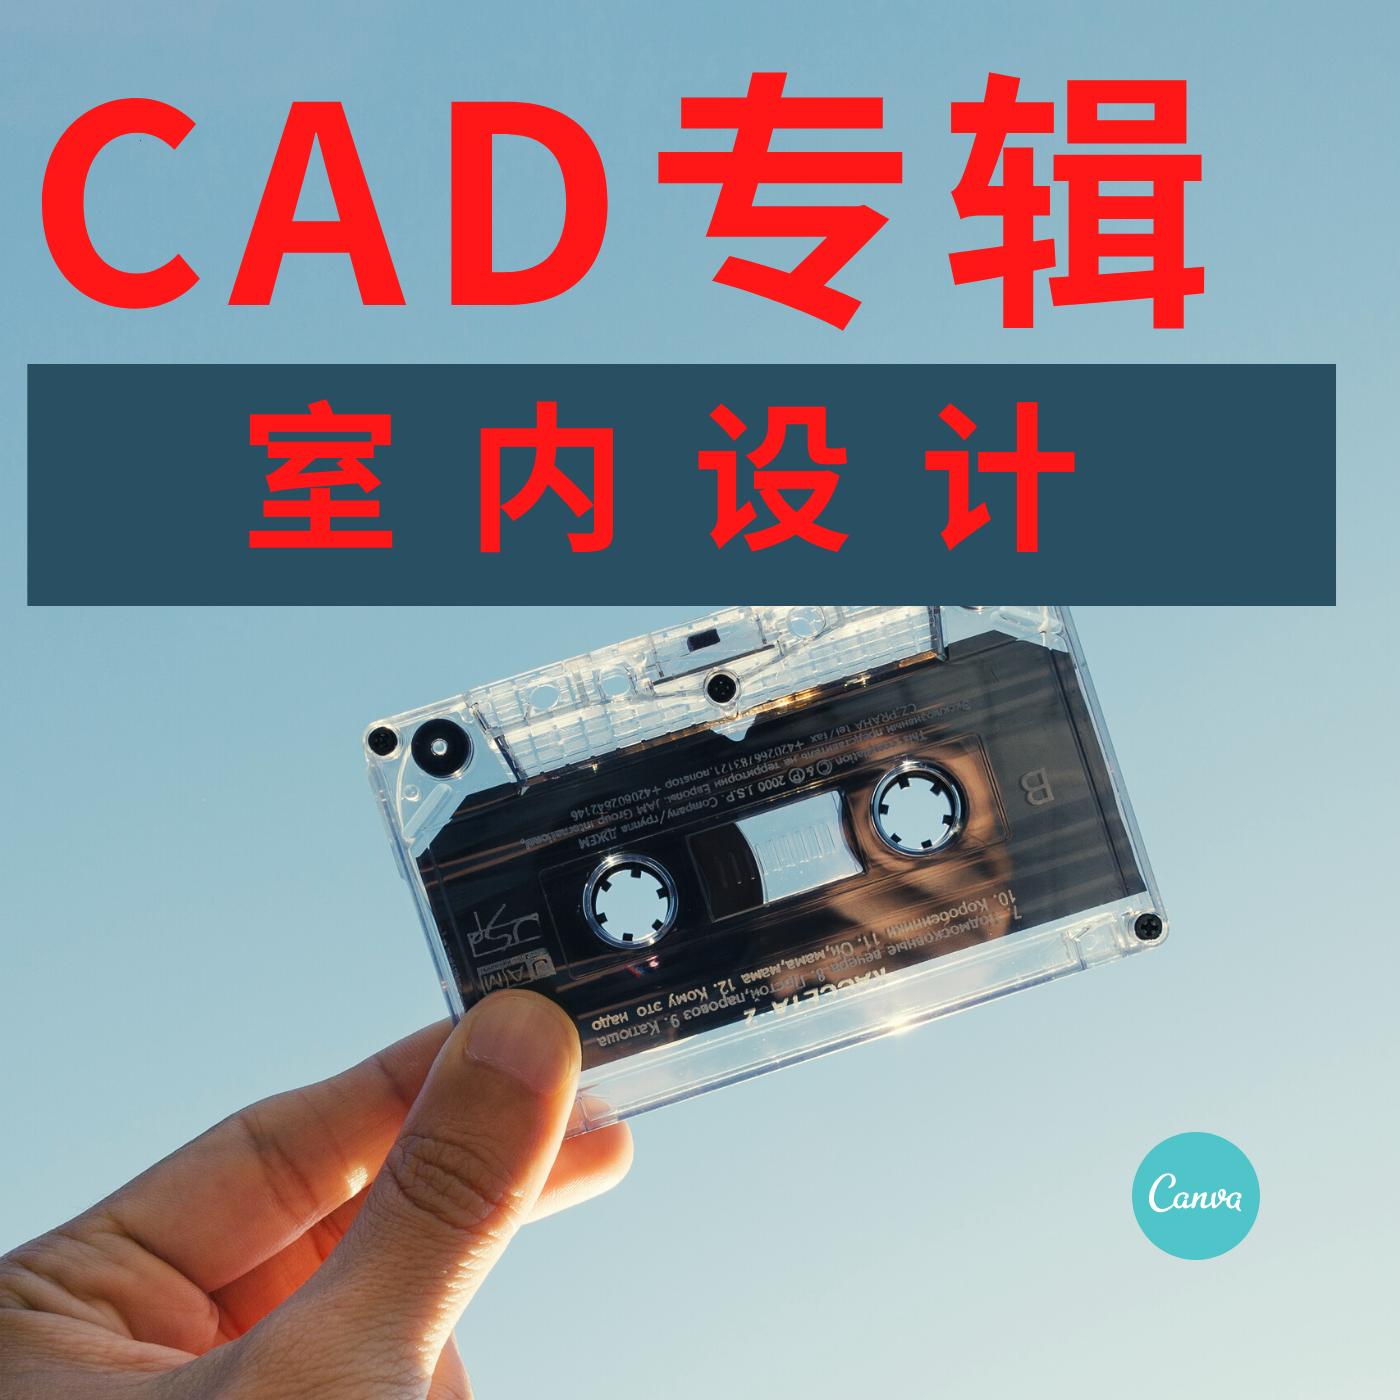 CAD专辑